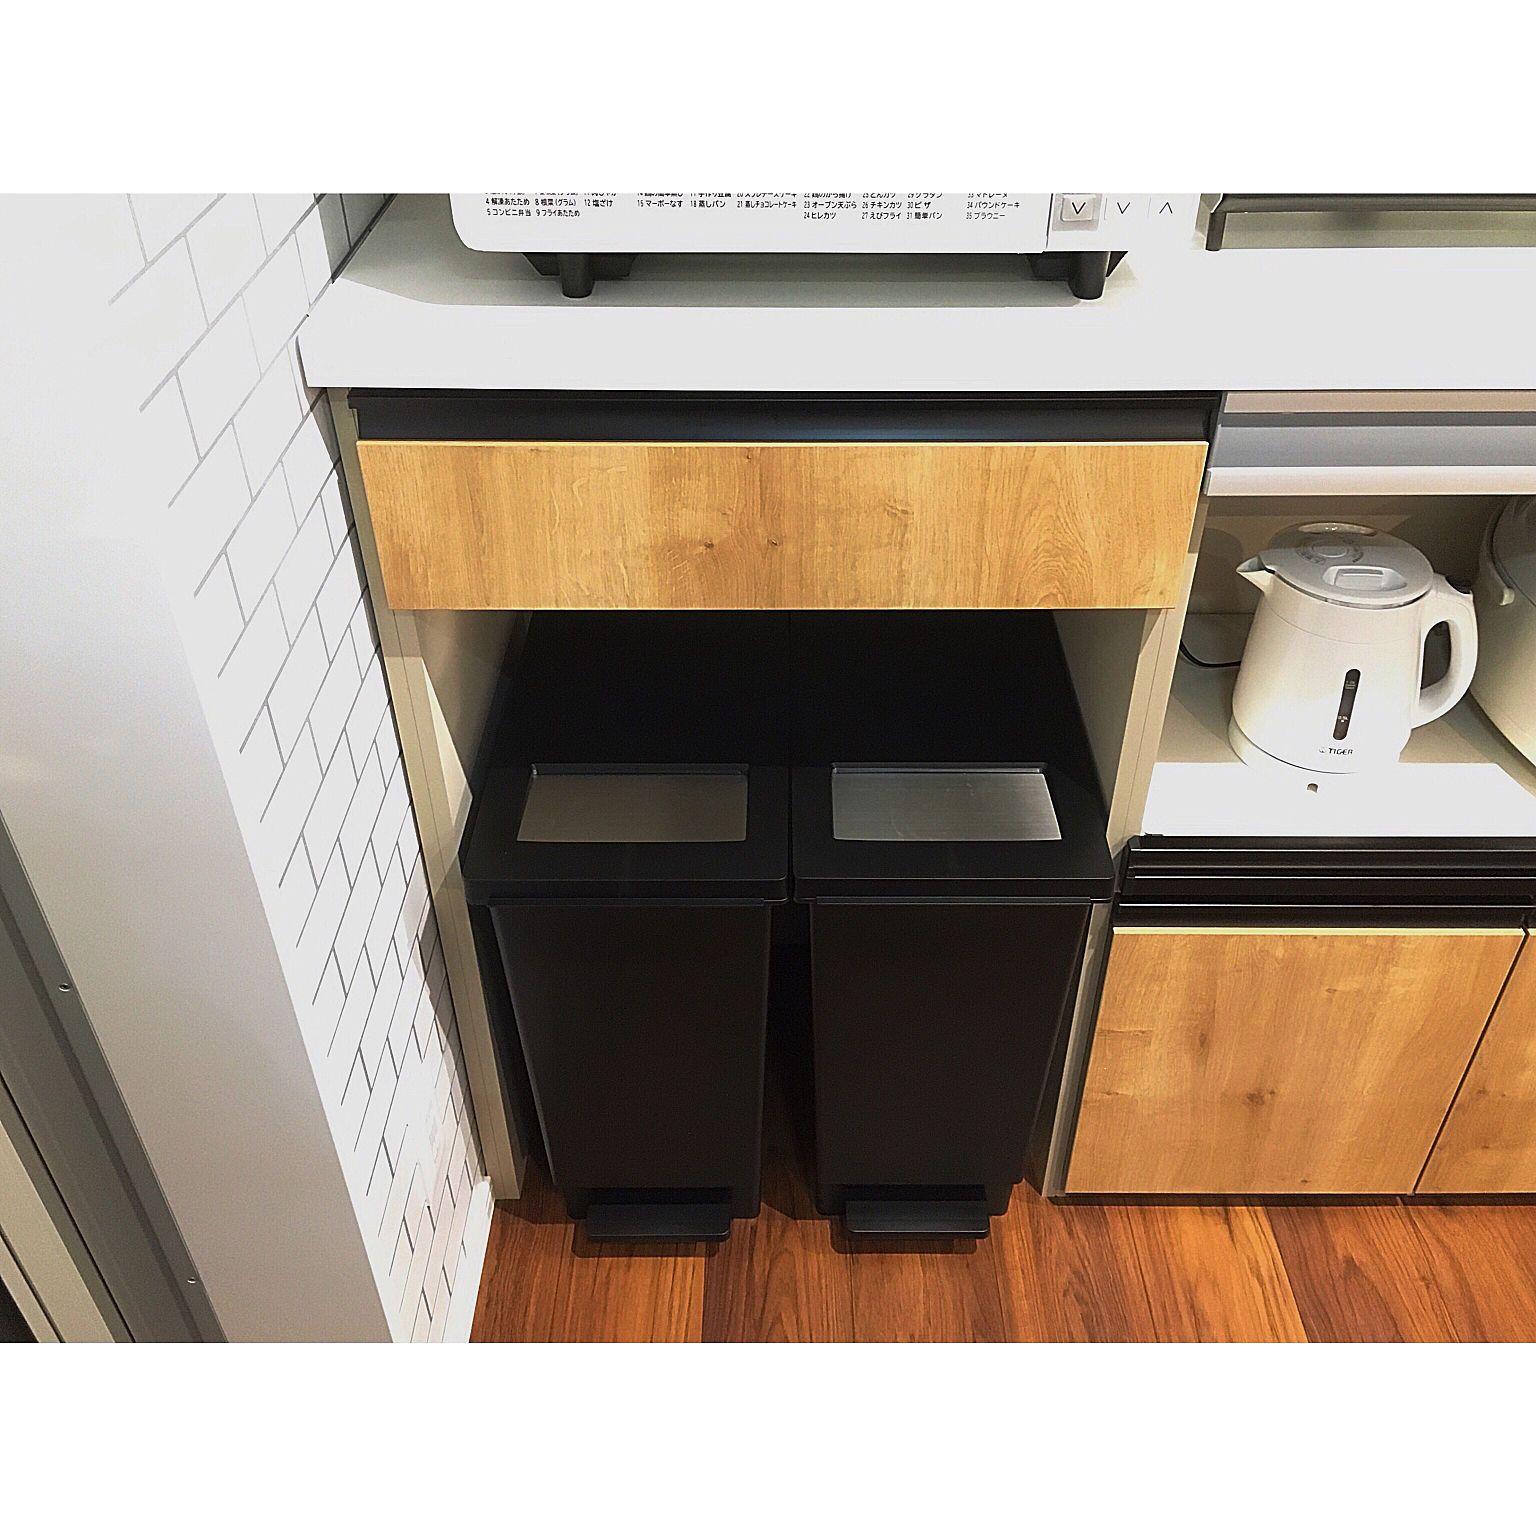 キッチン シンデレラフィット ダストボックス ゴミ箱収納 カップボードのインテリア実例 2018 03 30 10 47 42 Roomclip ルームクリップ カップボード インテリア 収納 リクシル